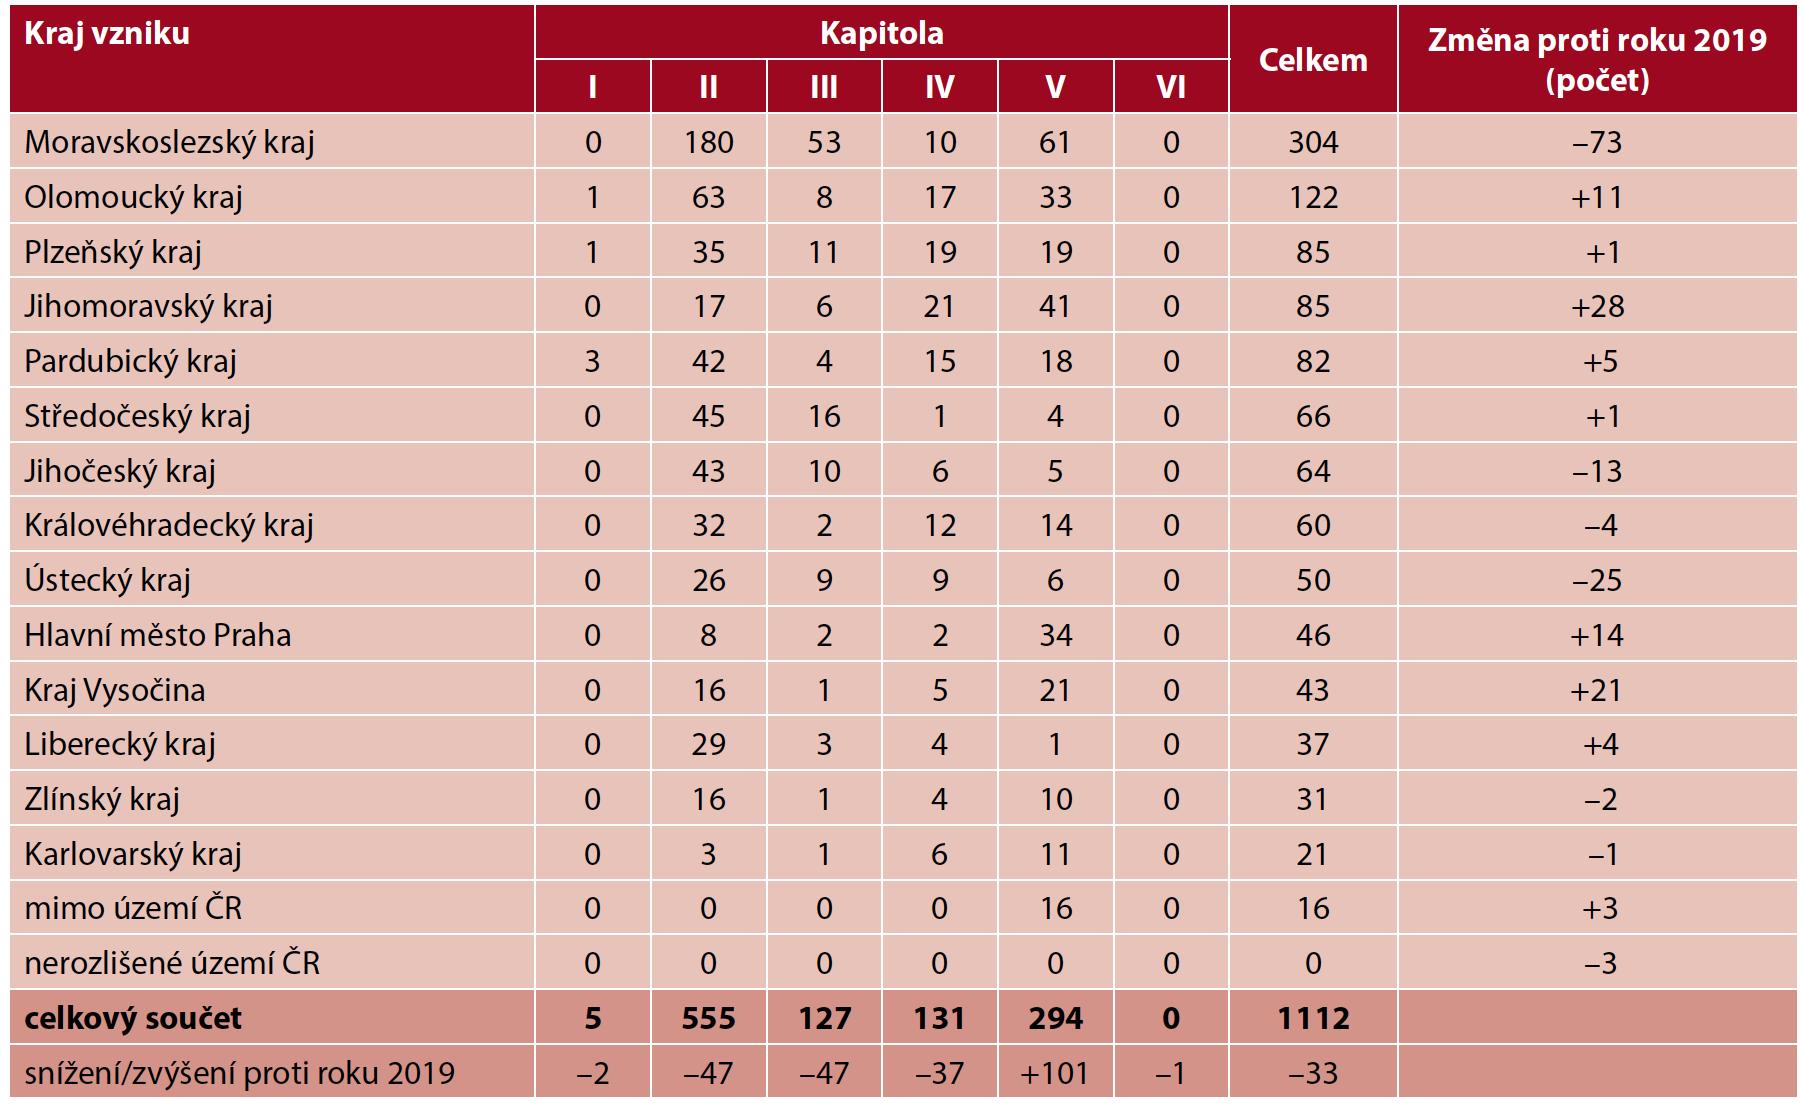 Profesionální onemocnění hlášená v České republice v roce 2020, rozdělení podle místa vzniku a kapitol seznamu nemocí z povolání